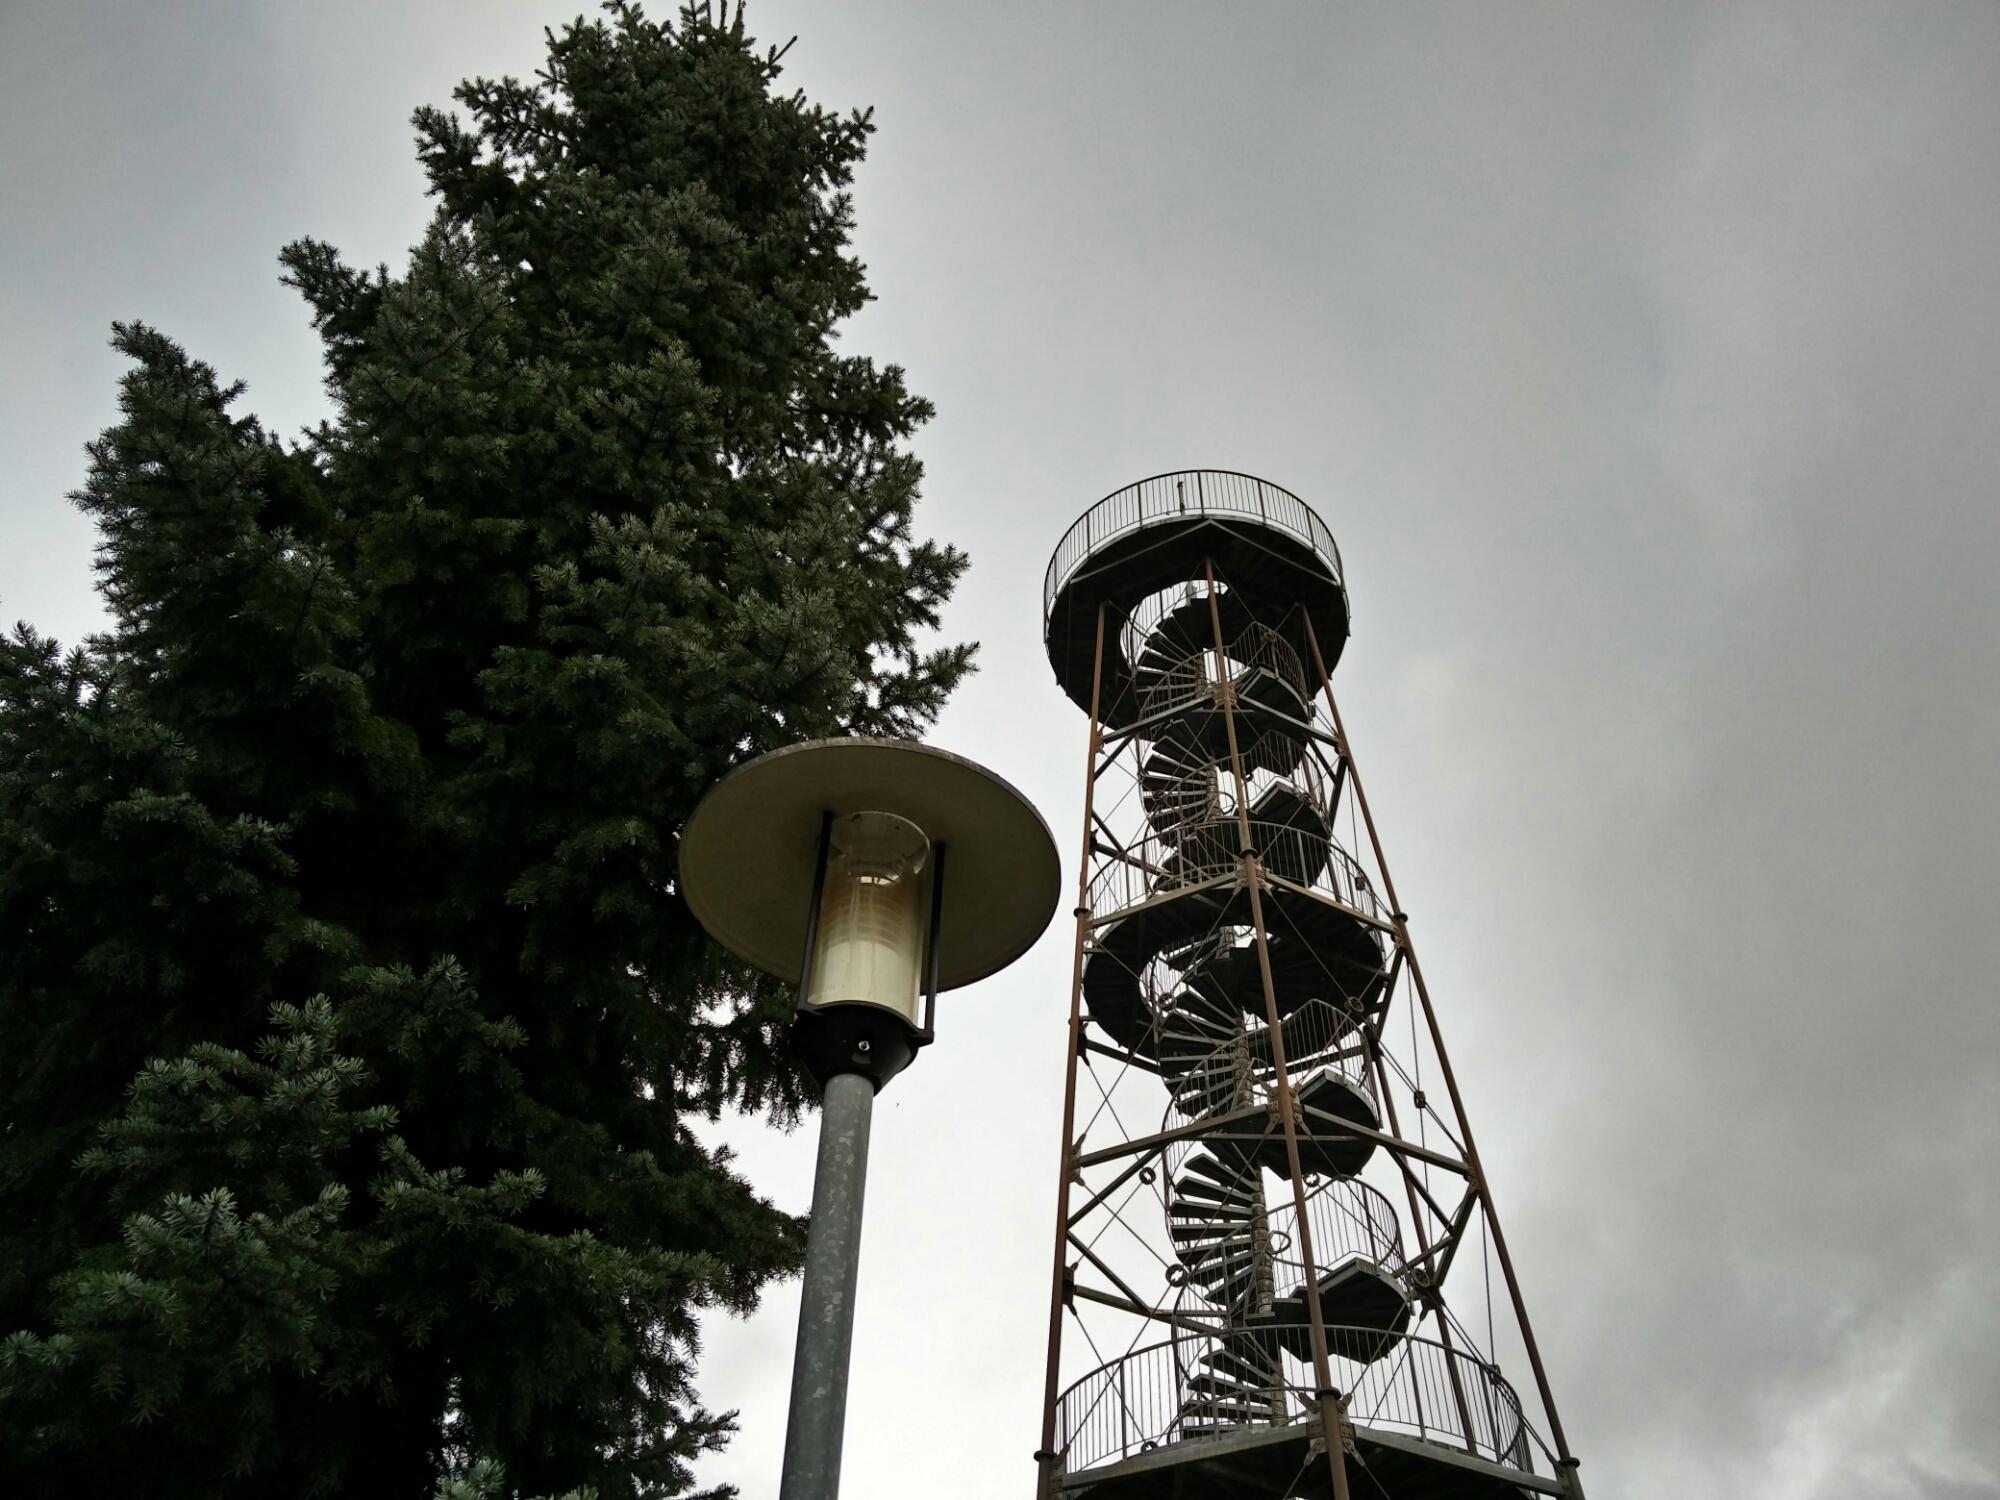 Turm der Die 3 Brüder Höhe